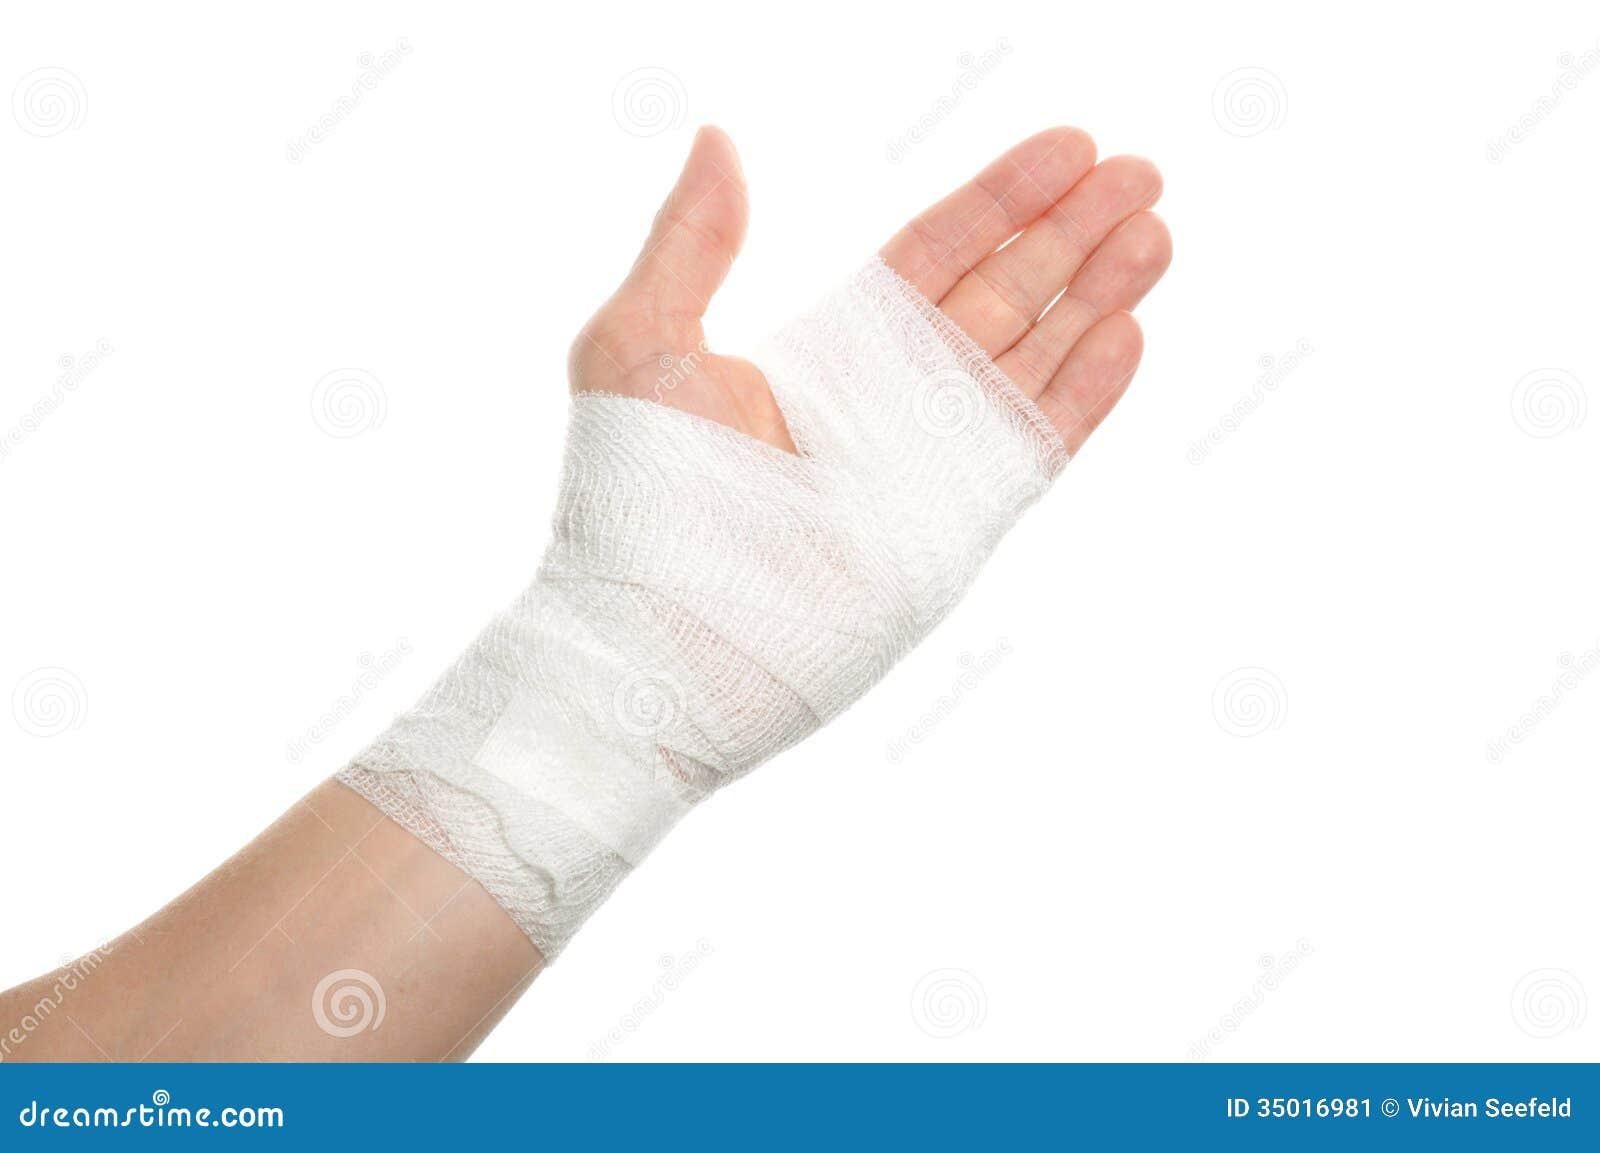 White medicine bandage on injury hand on white background.